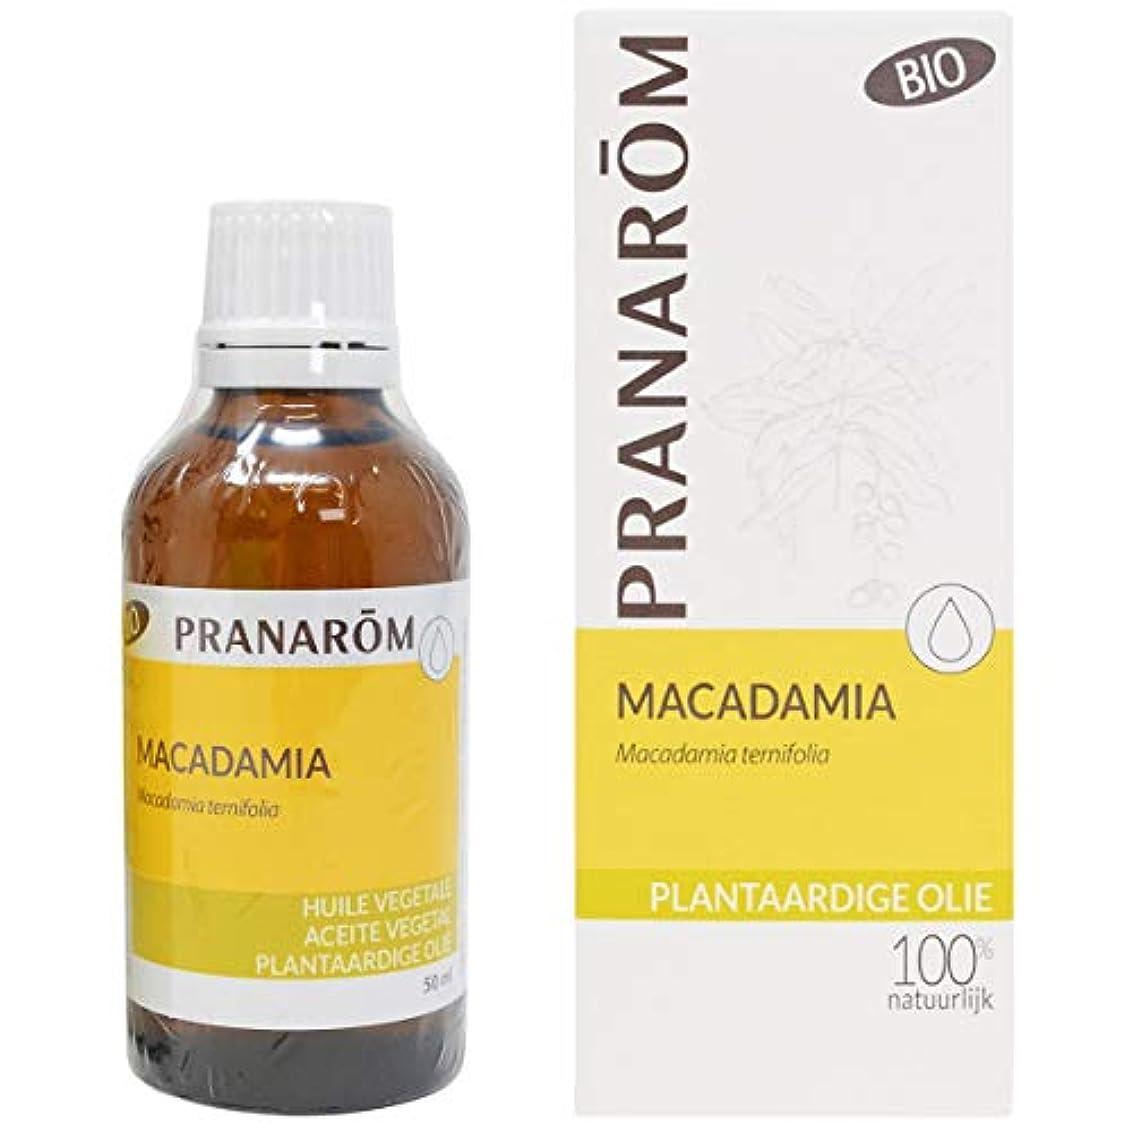 染色百科事典汚染されたプラナロム マカデミア 50ml (PRANAROM 植物油)